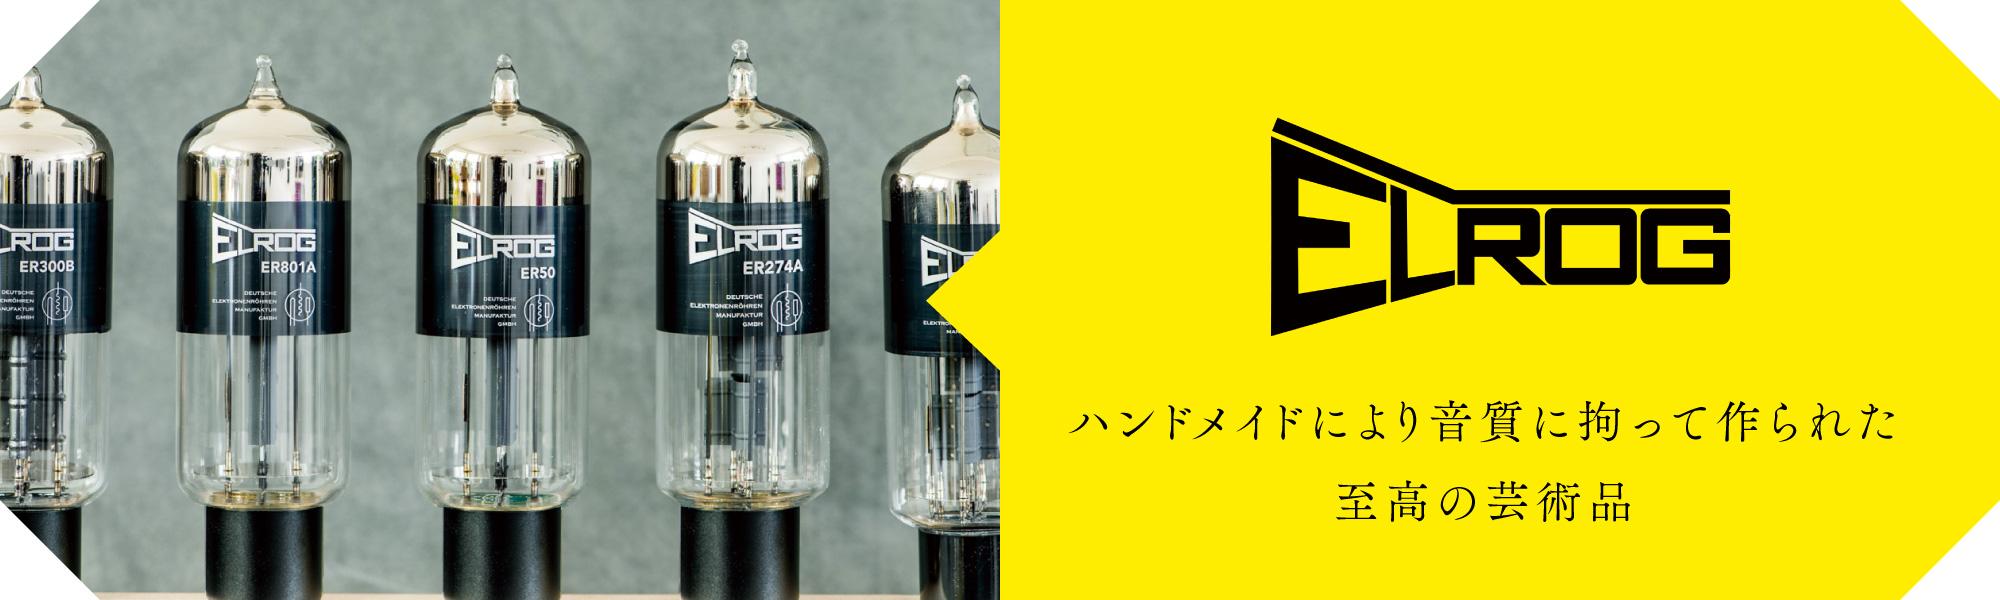 ハンドメイドにより音質に拘って作られた 至高の芸術品 ELROG